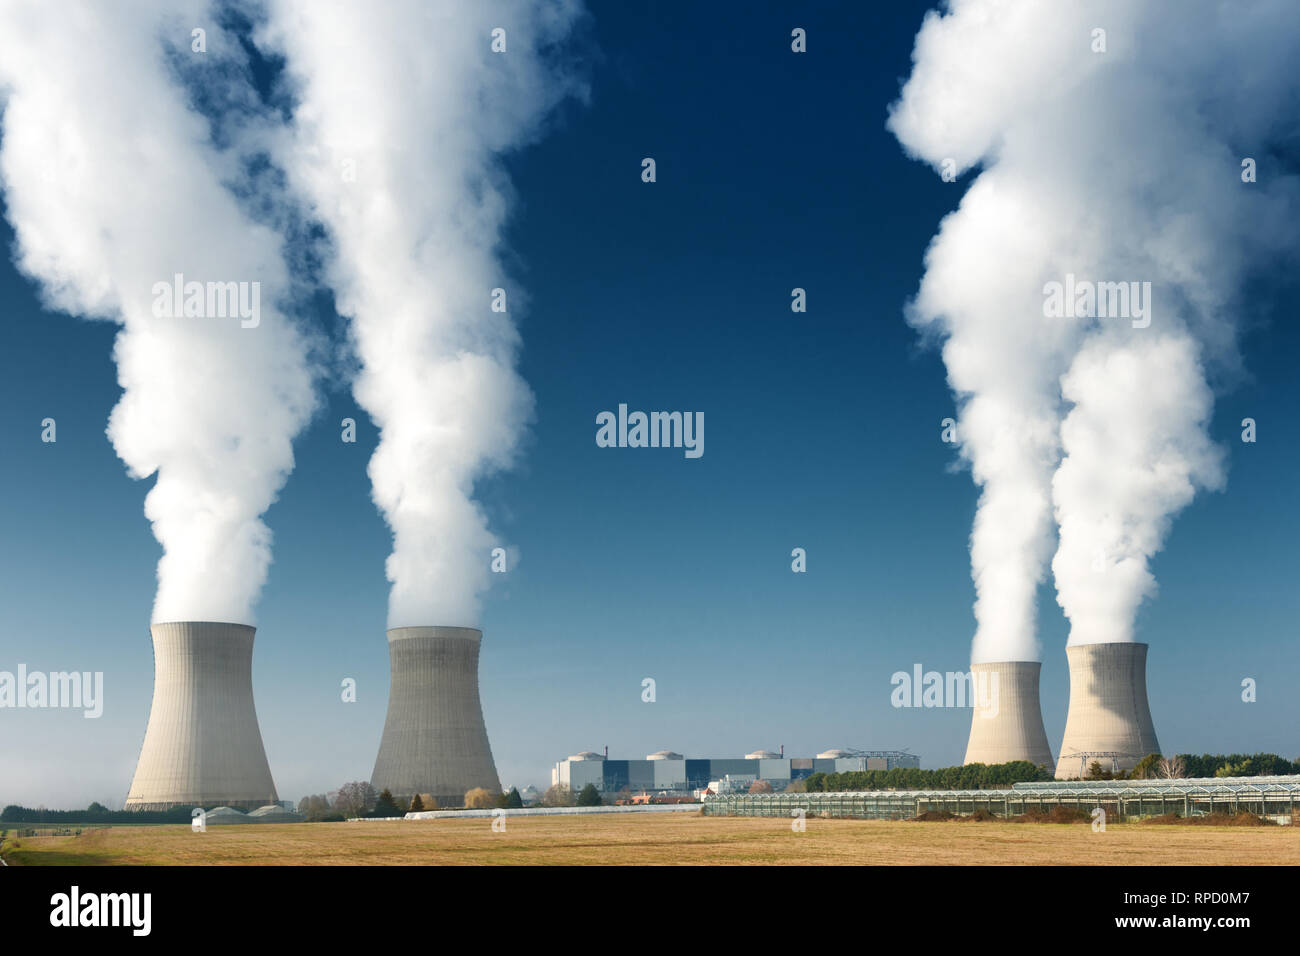 Quatre tours de refroidissement des centrales électriques la cuisson sur fond de ciel bleu foncé Banque D'Images